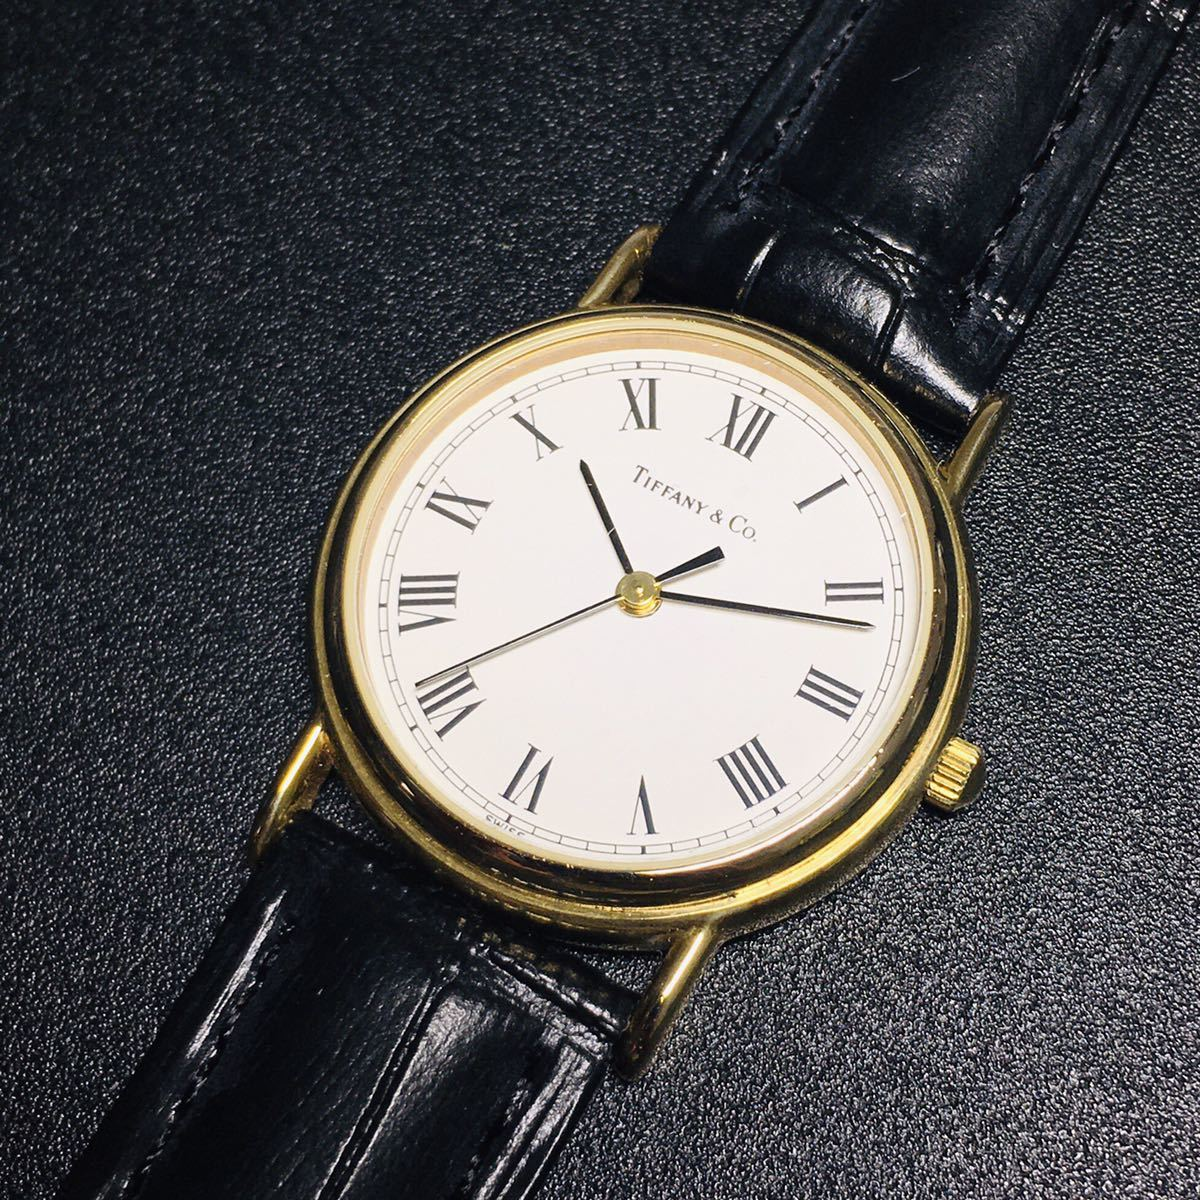 【美品 正規品】ティファニー 腕時計 ローマンインデックス ゴールド クラシック ラウンド レディース 【2005Ti36】_画像4